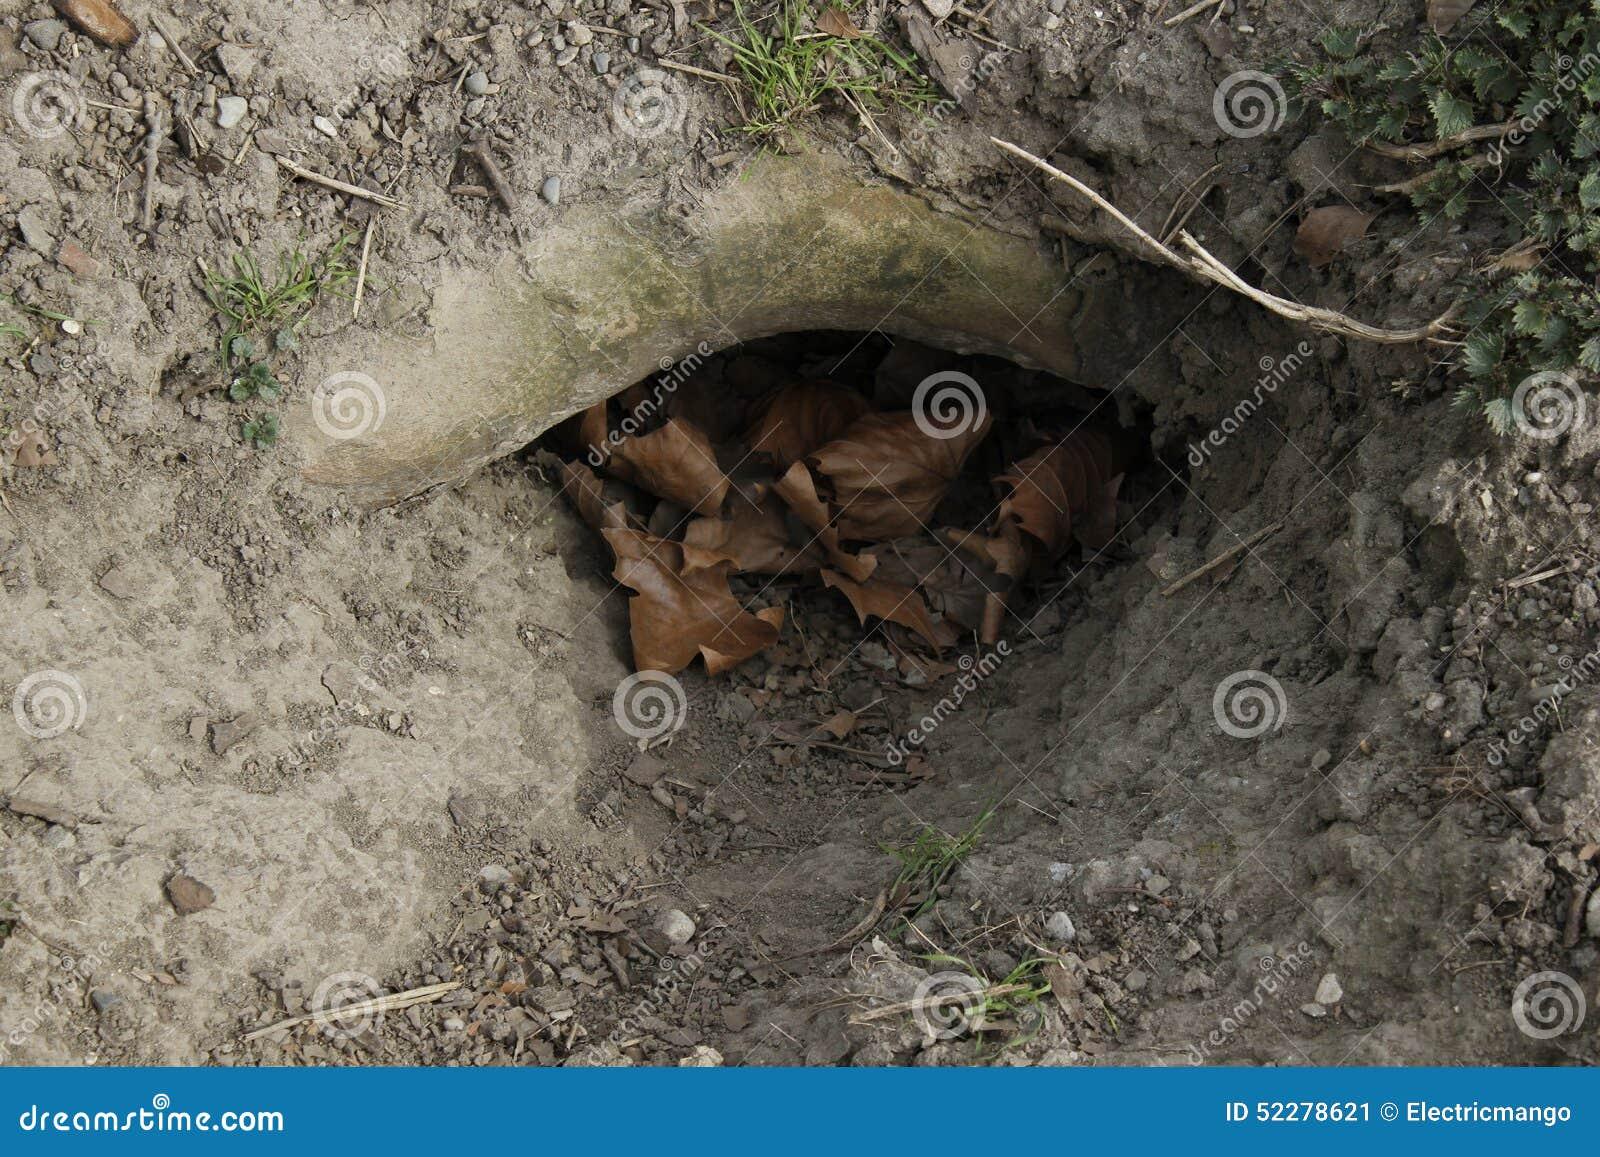 rabbit hole stock photo image 52278621